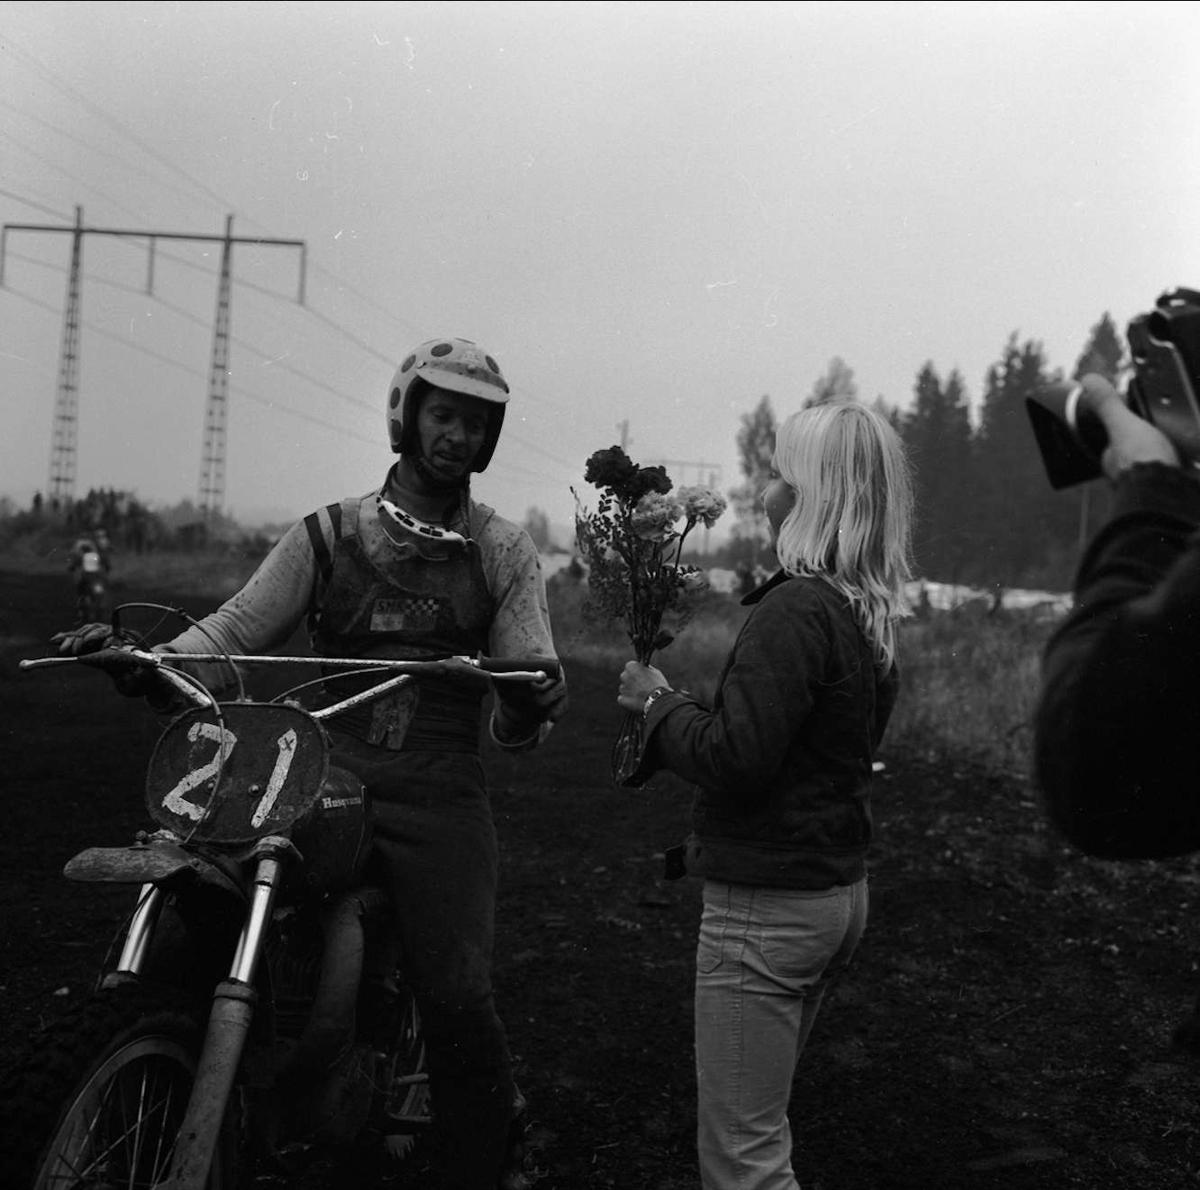 Motocrosstävling i Tierp, Uppland 1972